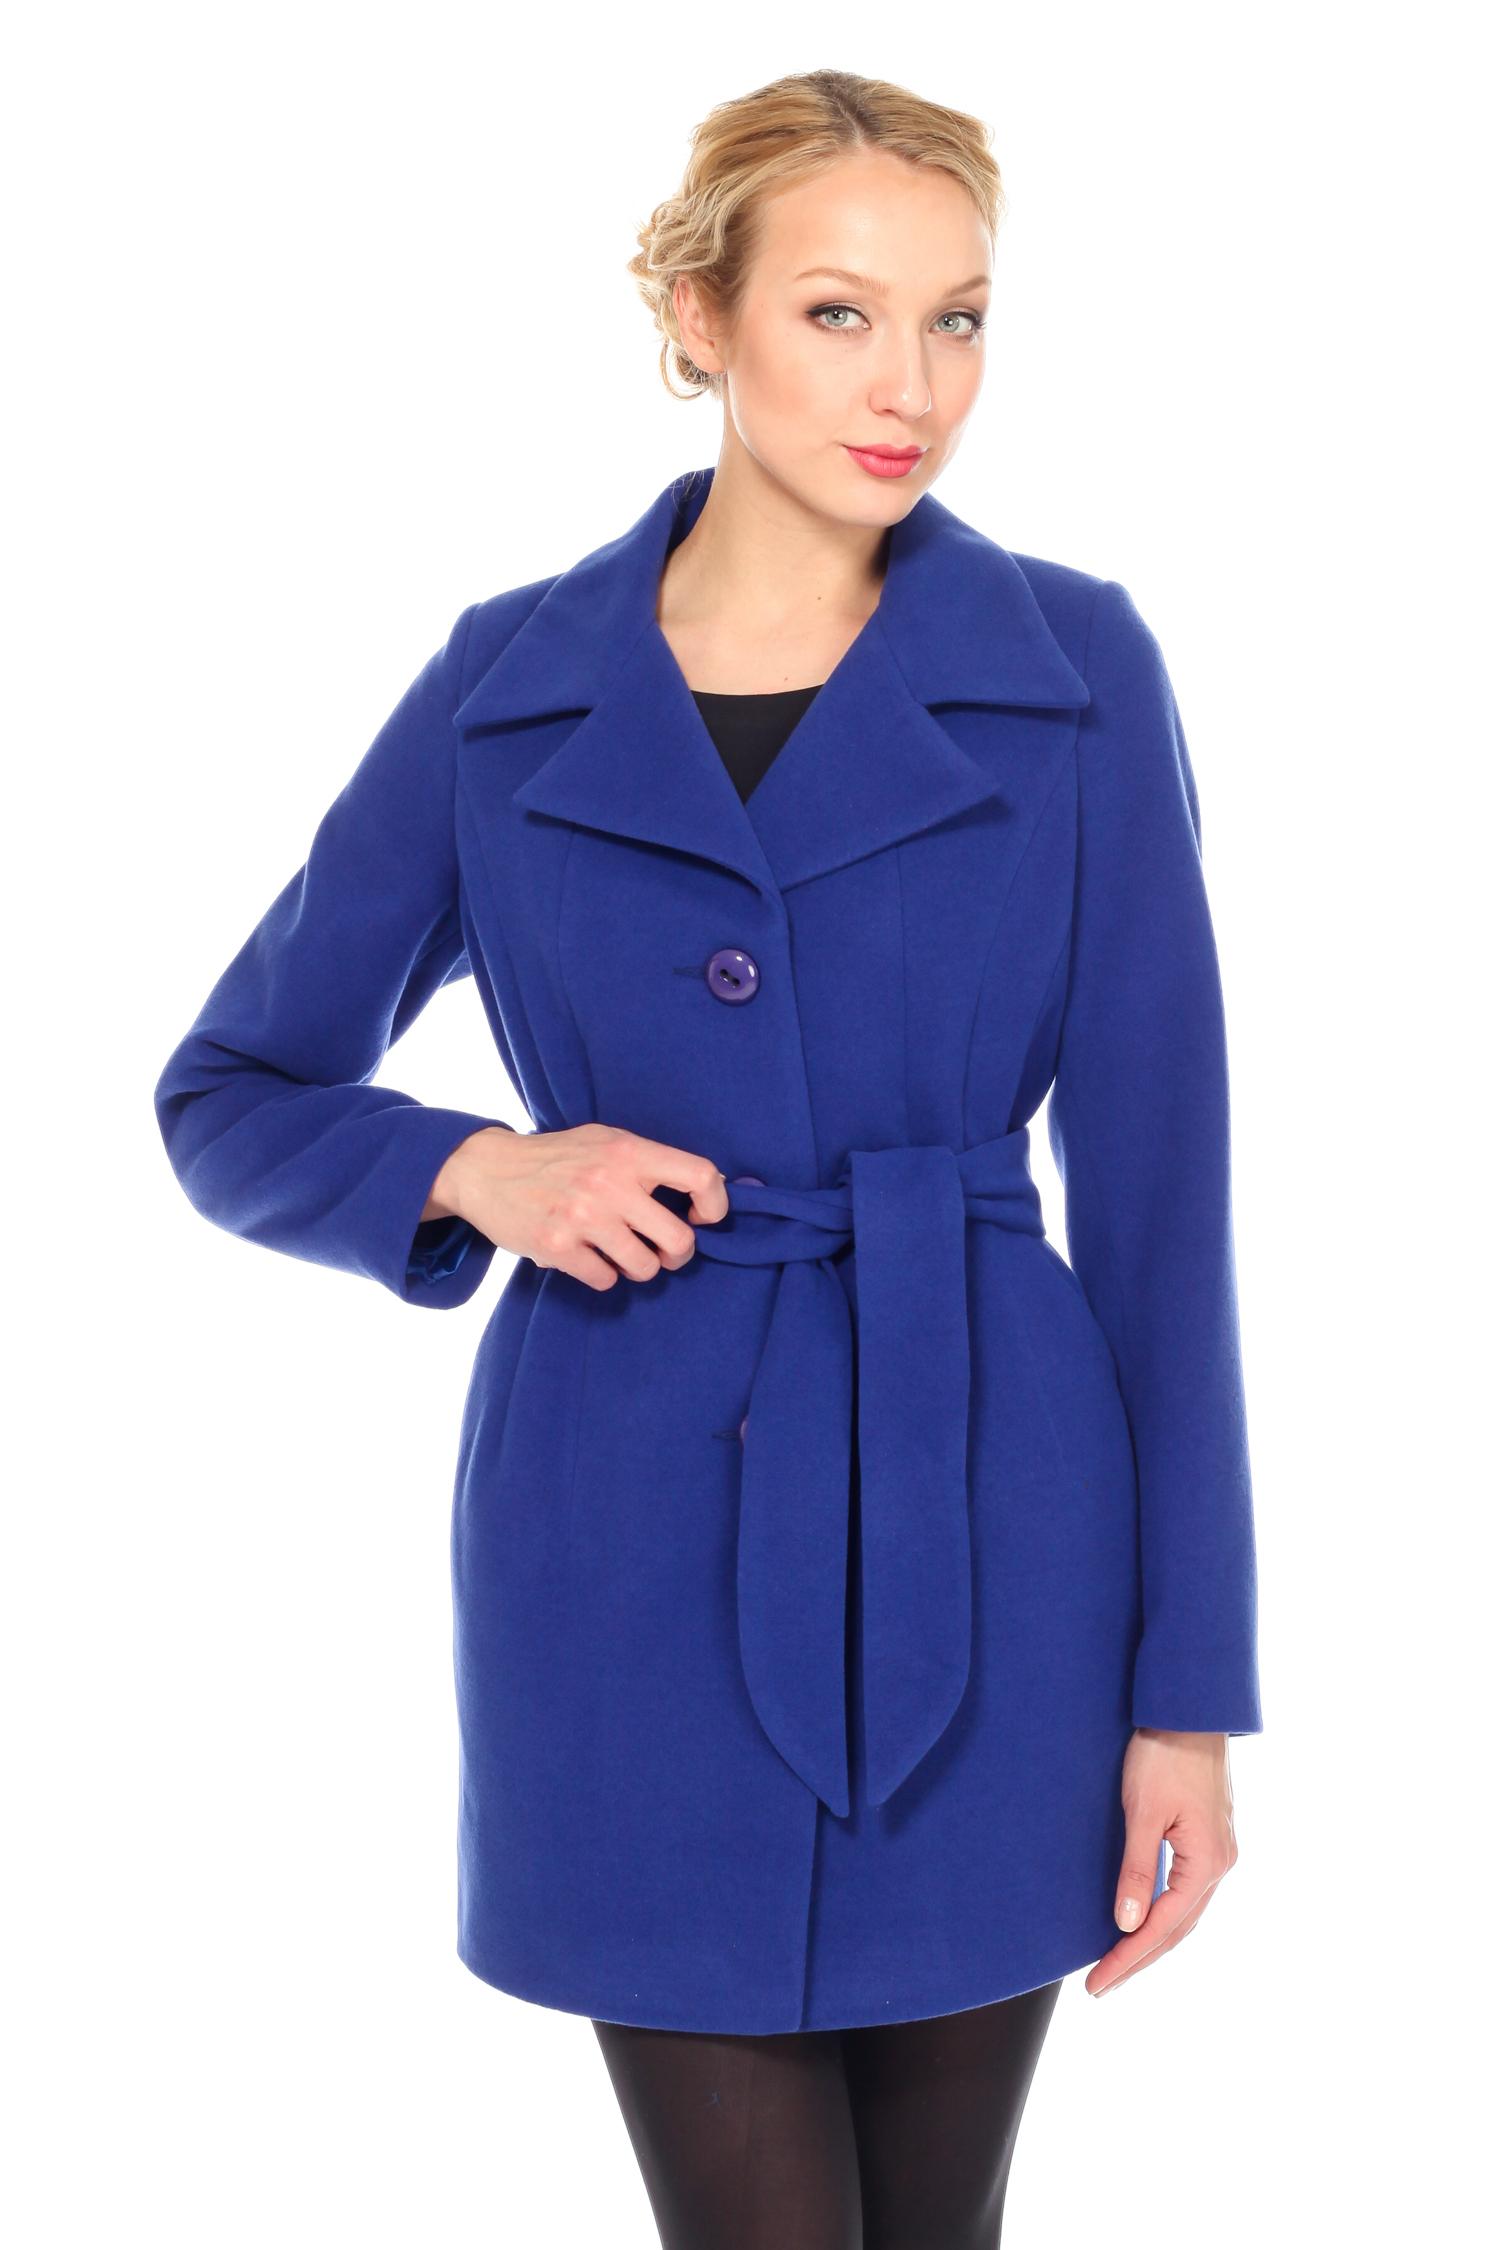 Женское пальто с воротником, без отделки<br><br>Воротник: английский<br>Длина см: Средняя (75-89 )<br>Материал: Комбинированный состав<br>Цвет: синий<br>Вид застежки: центральная<br>Застежка: на пуговицы<br>Пол: Женский<br>Размер RU: 42